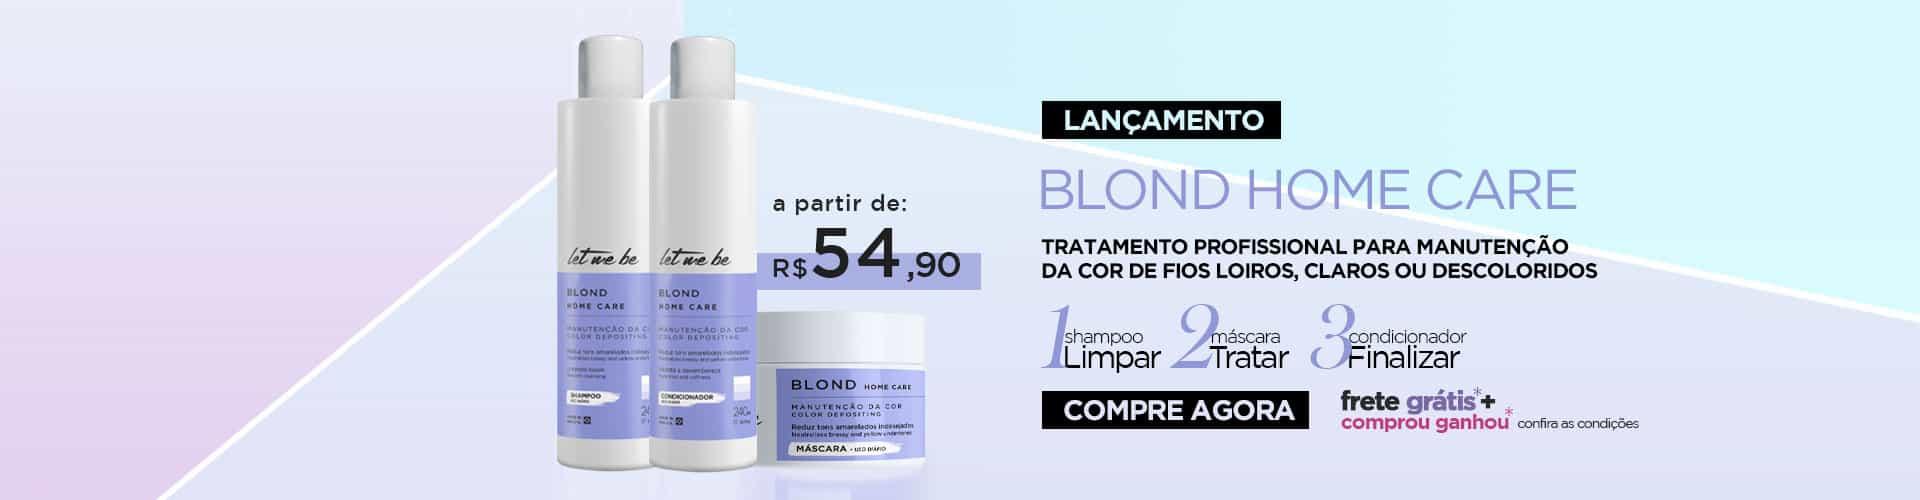 Home Care Blond - Loiros ou Descoloridos